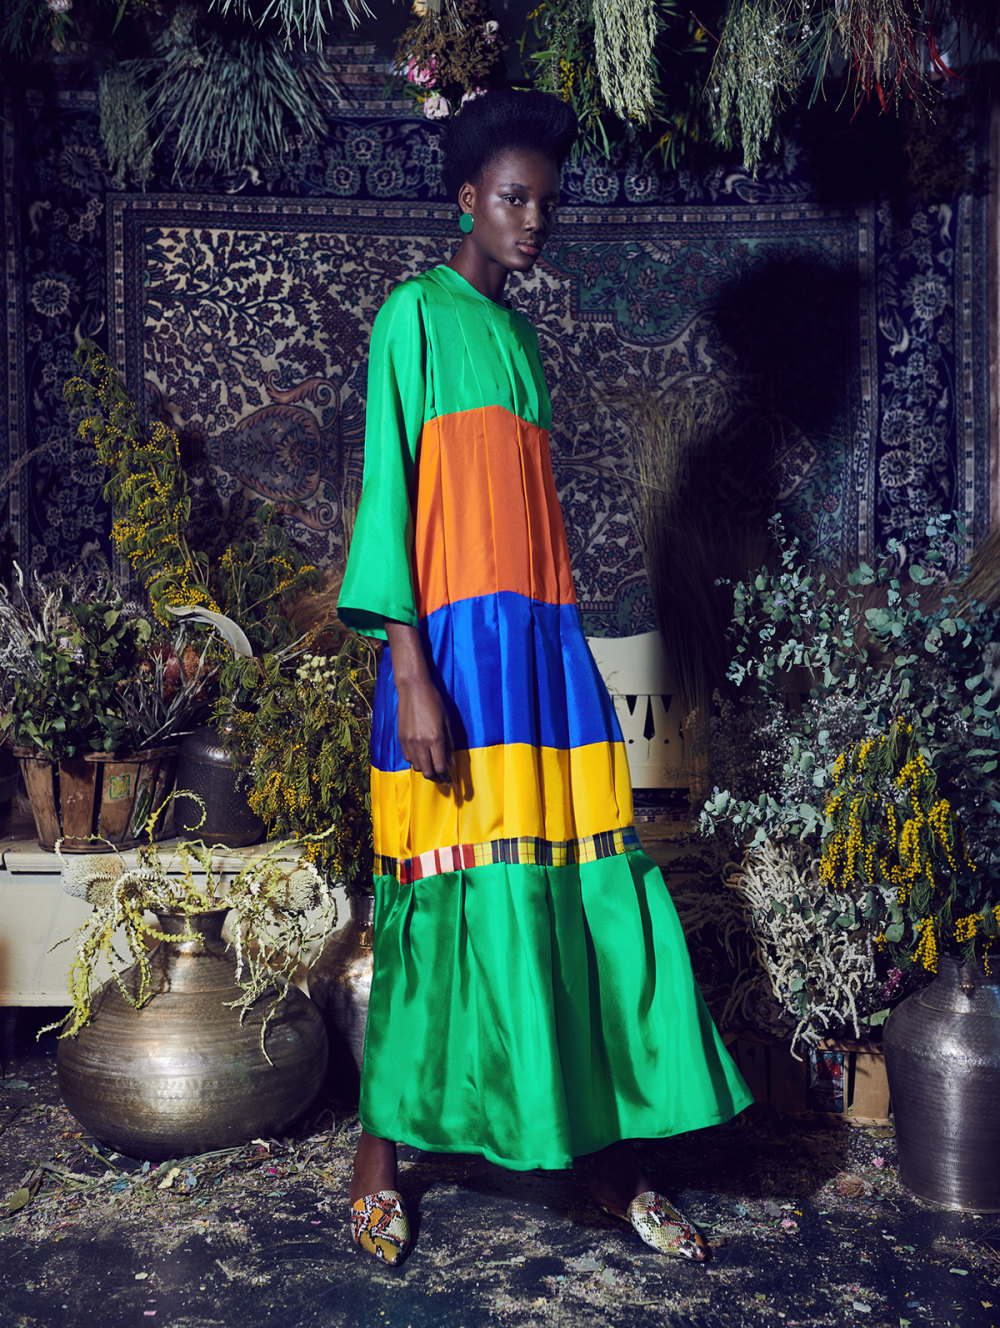 Rianna+Nina时装系列定制的夹克和金属光泽的七分裤定义未来主义-23.jpg